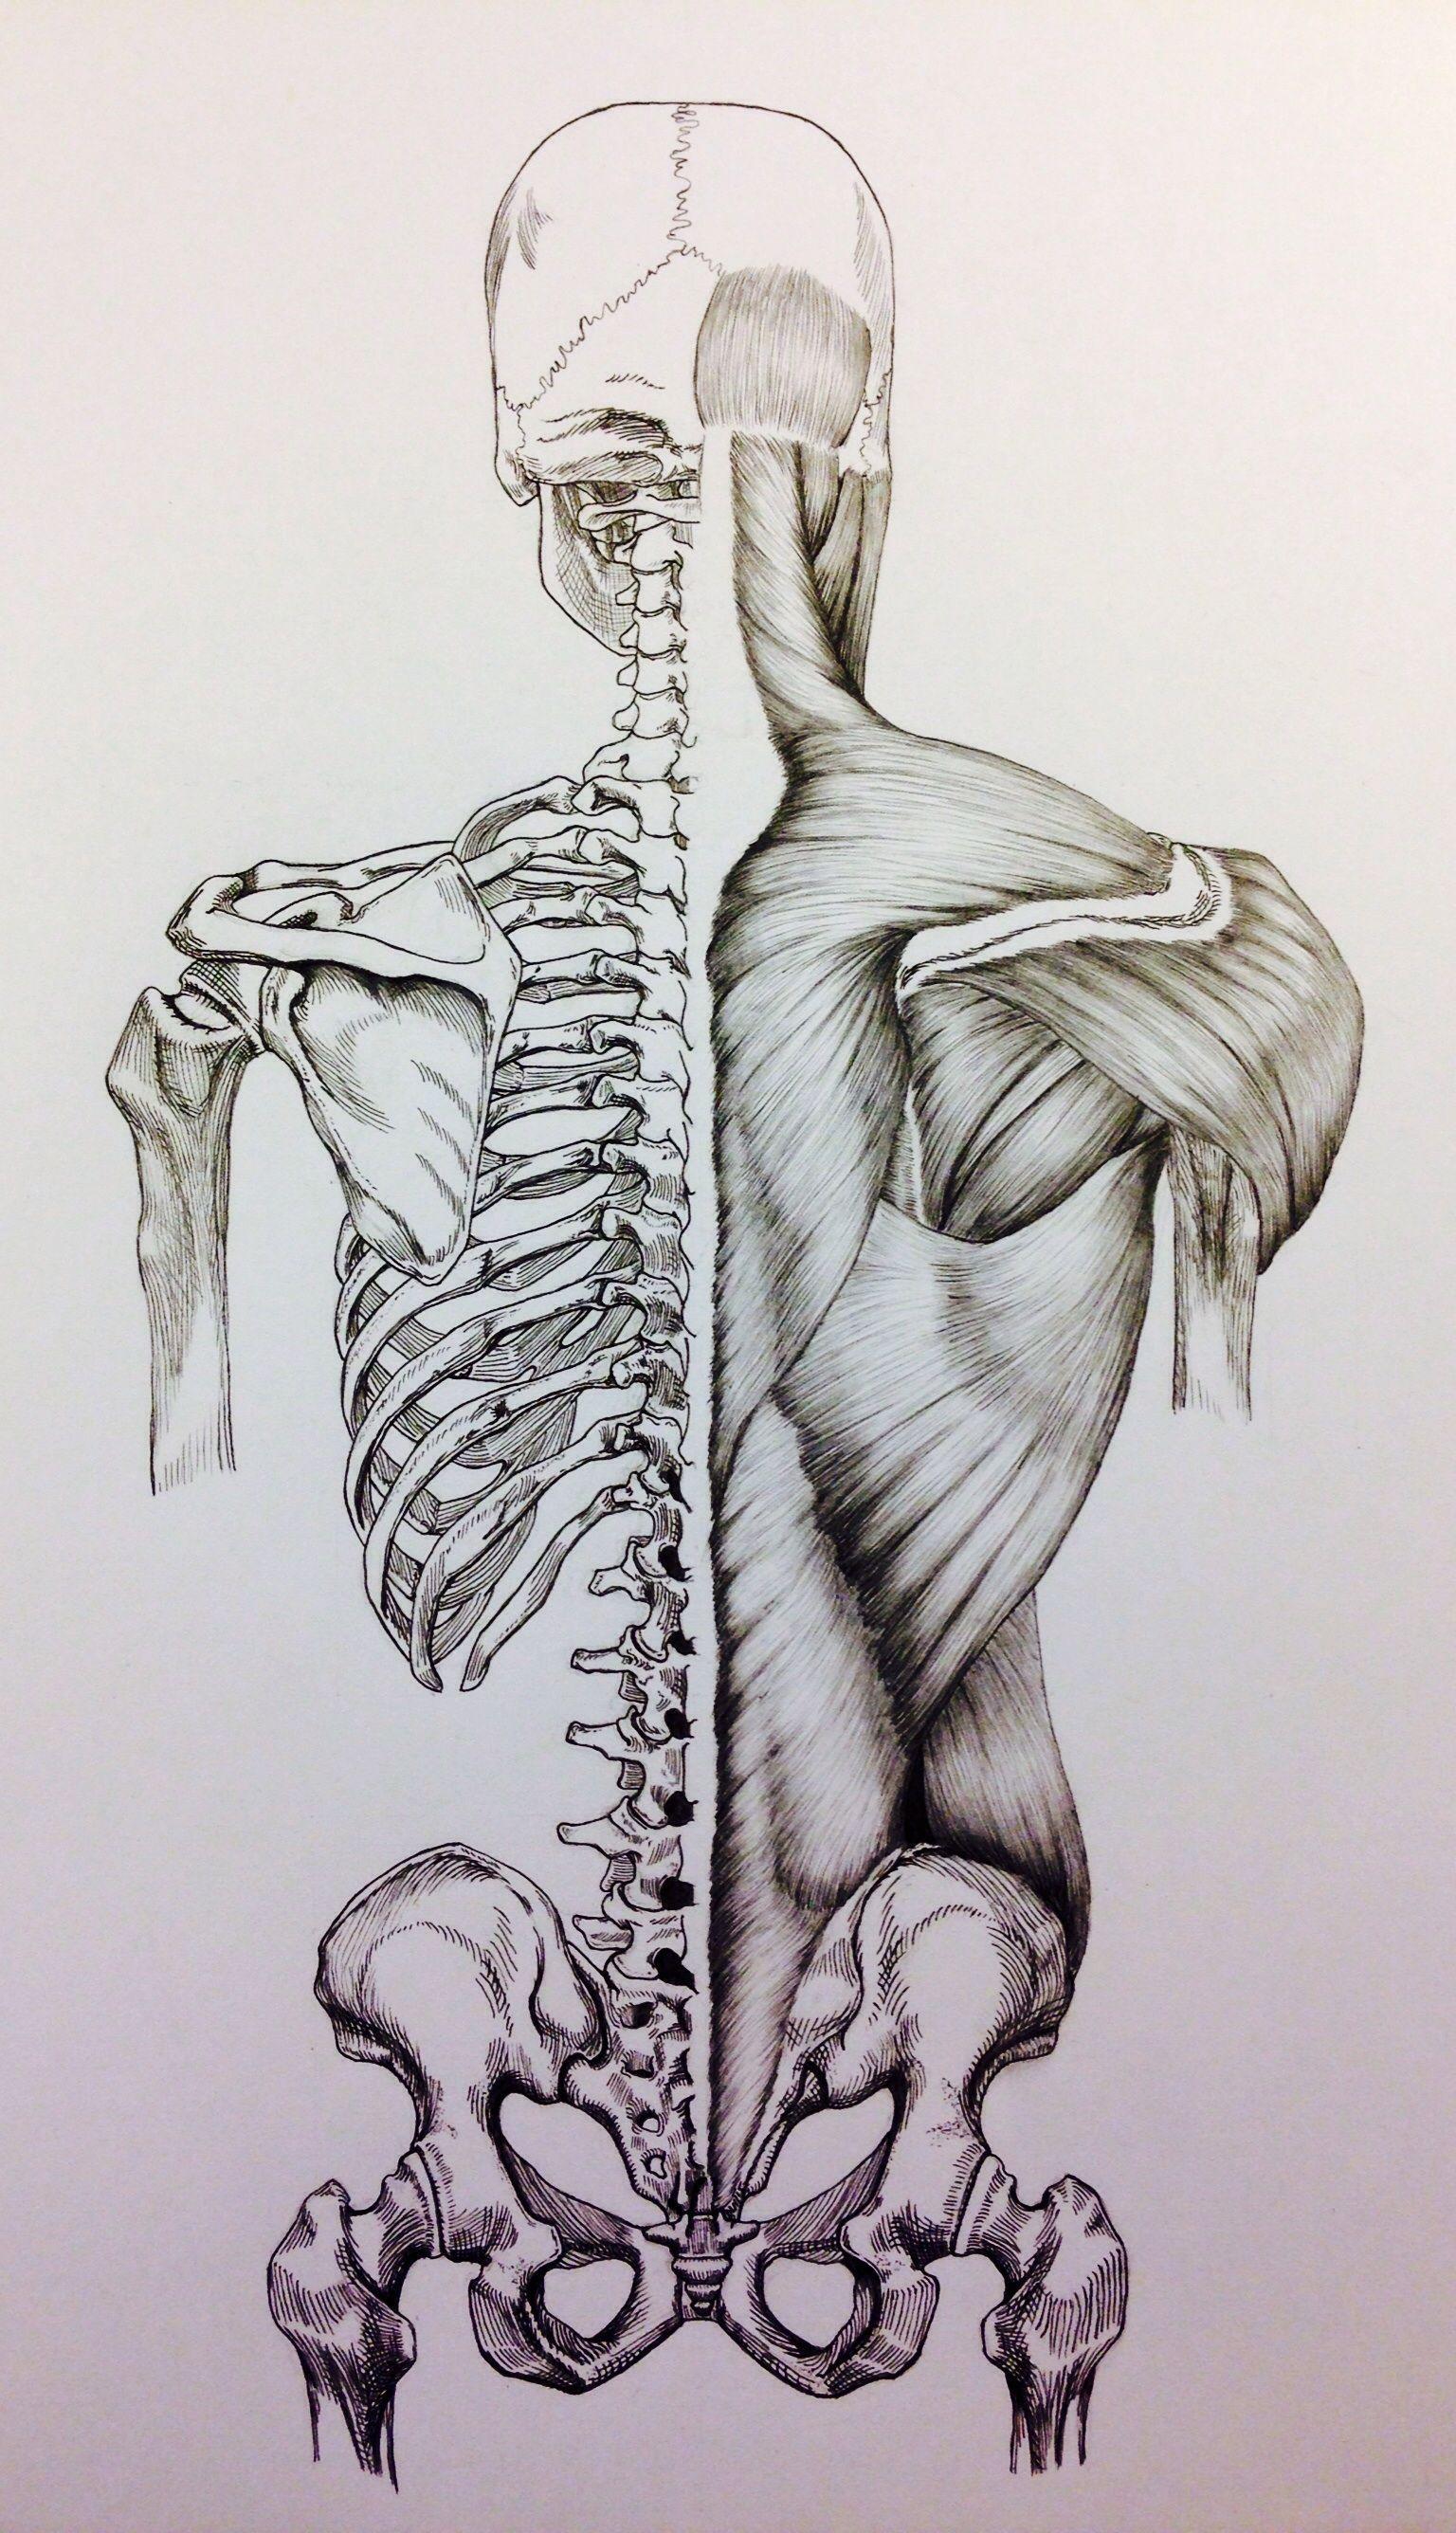 Pin de SQ en References | Pinterest | Fisioterapia, Anatomía y Dibujo